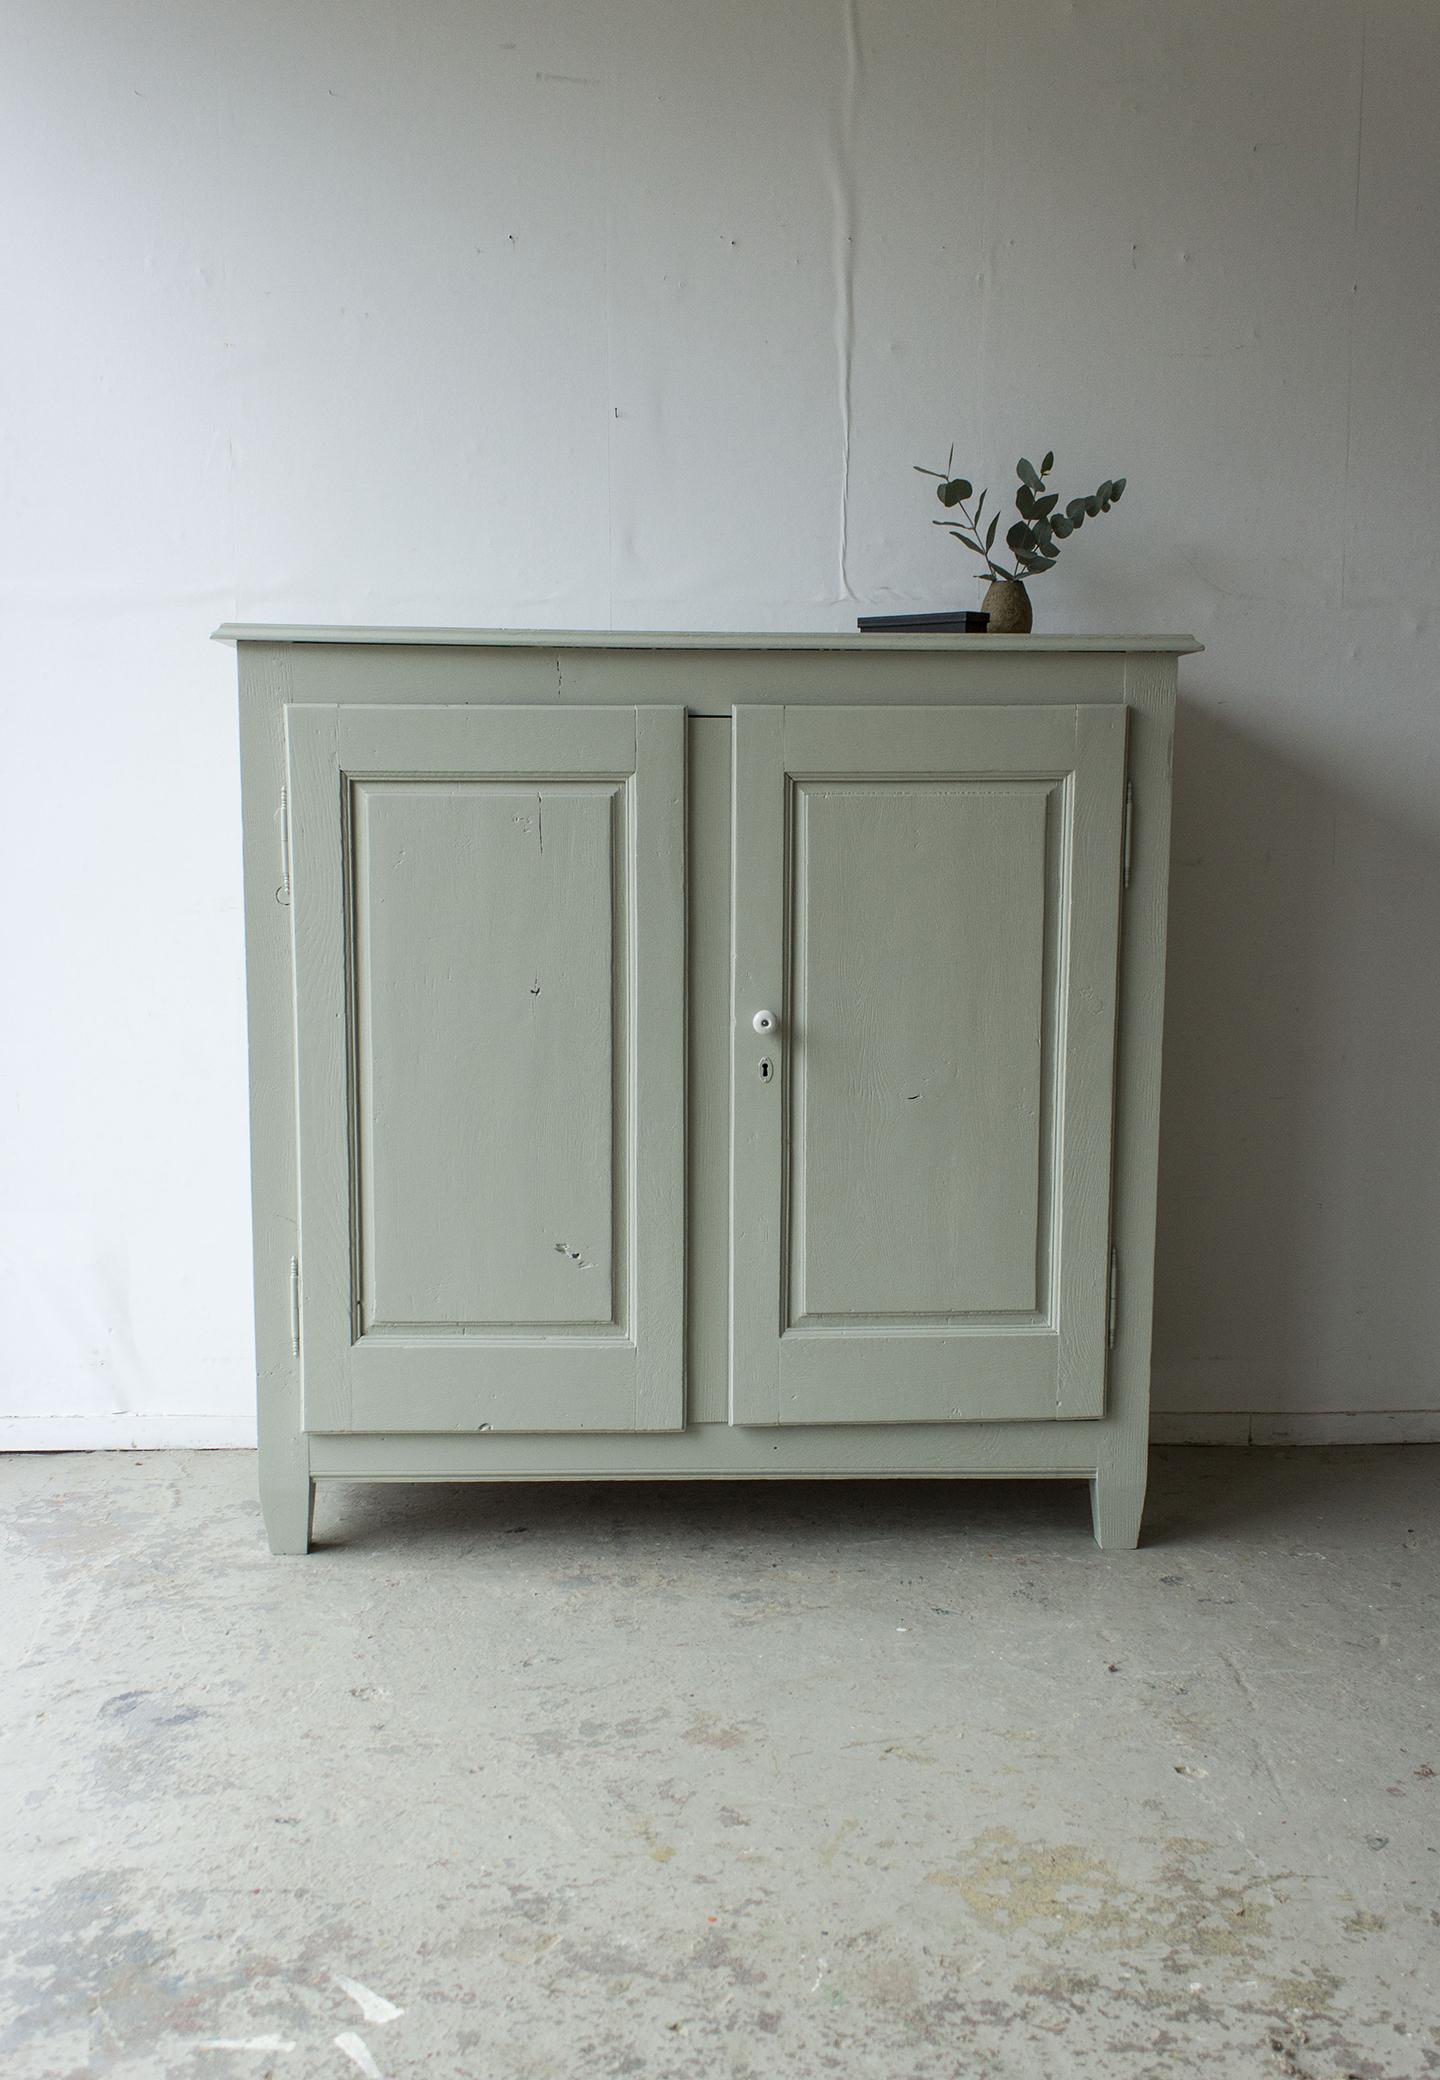 1329 - zachtgroen vintage kastje - Firma zoethout_4.jpg